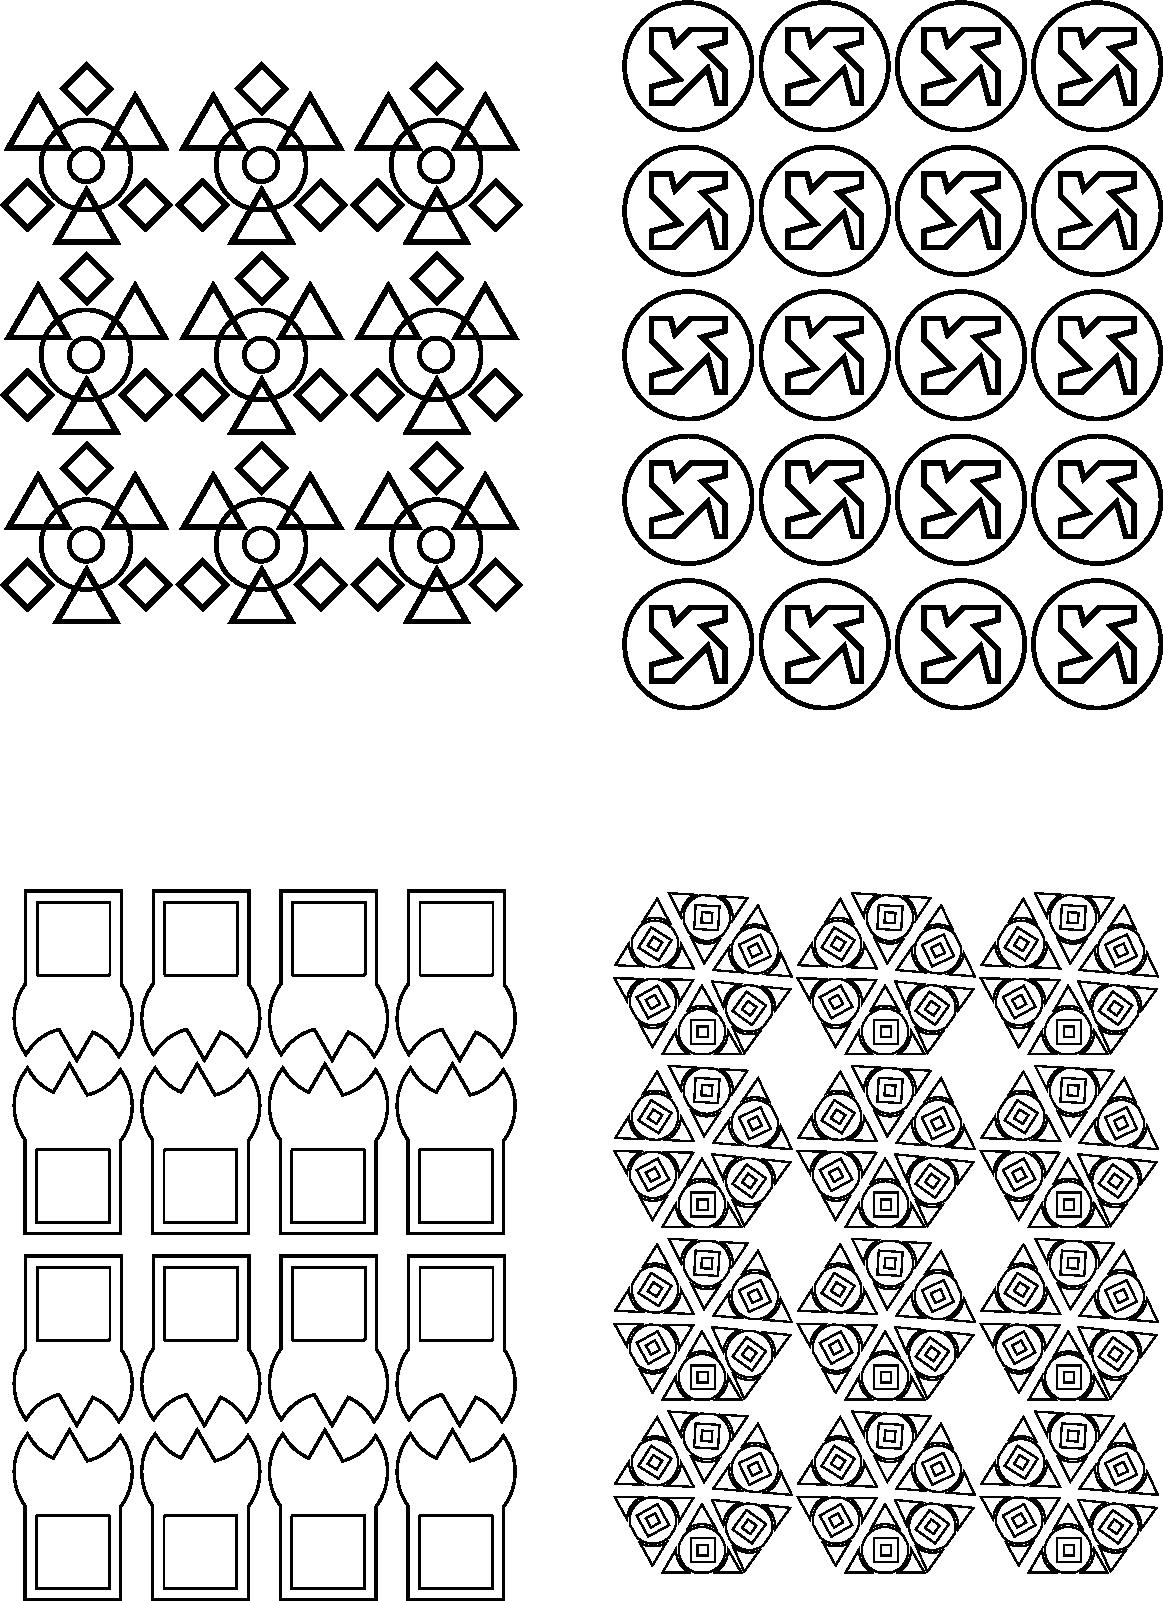 4 Texturas Con Todo Linea Triangulo Cuadrado Y Circulos Texturas Visuales Texturas Superposiciones